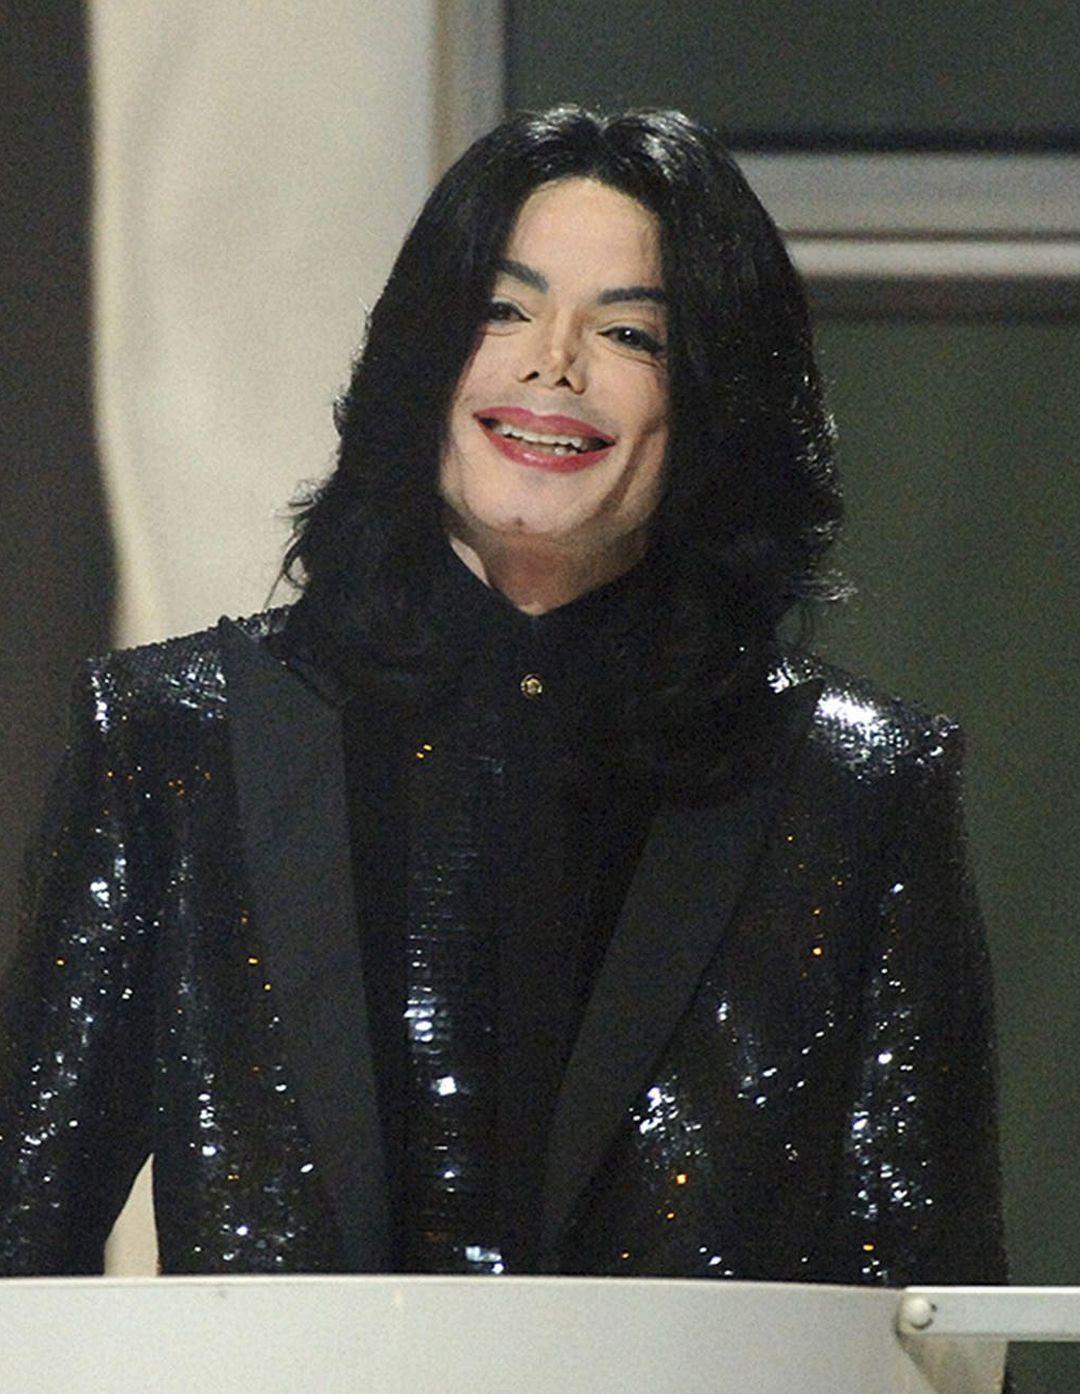 9 lat temu zmarł Michael Jackson - co robią dziś jego dzieci? (ZDJĘCIA)